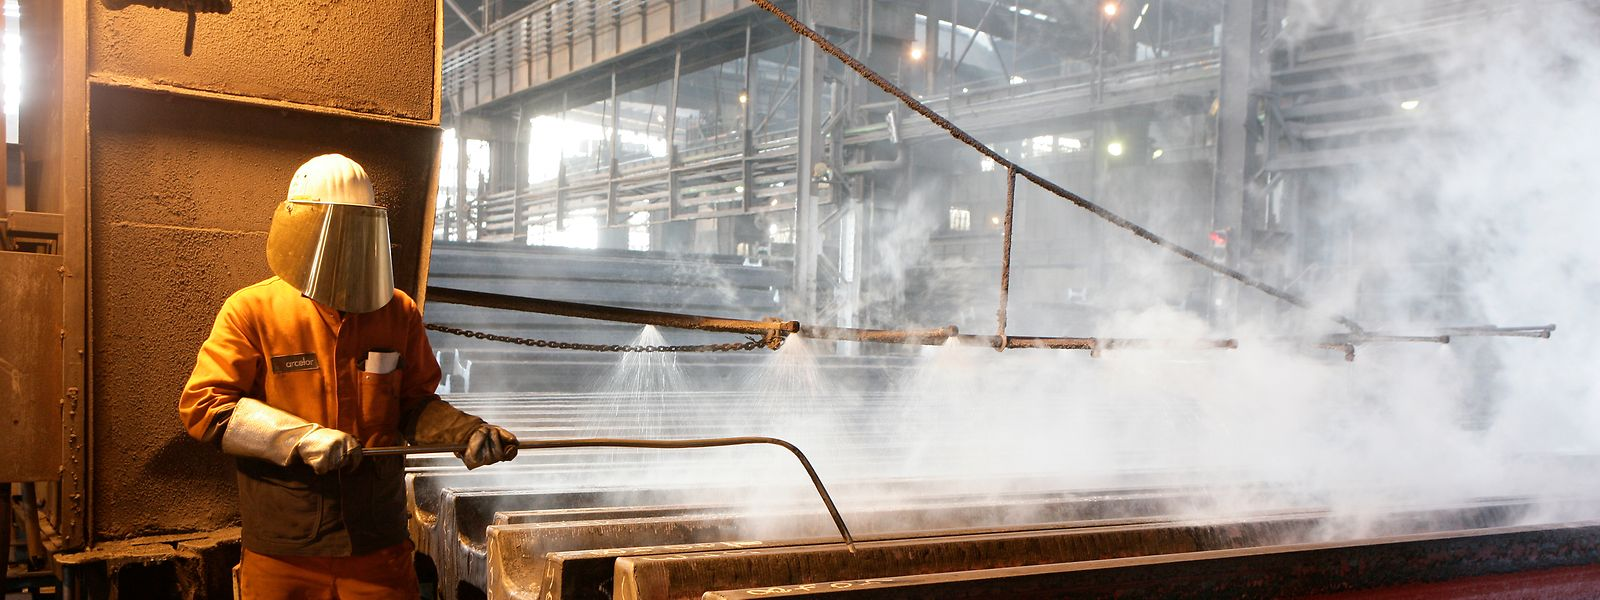 Gegenwärtig ist die Stahlindustrie noch einer der größten Verursacher von CO2-Emissionen. Das soll sich im nächsten Jahrzehnt ändern.